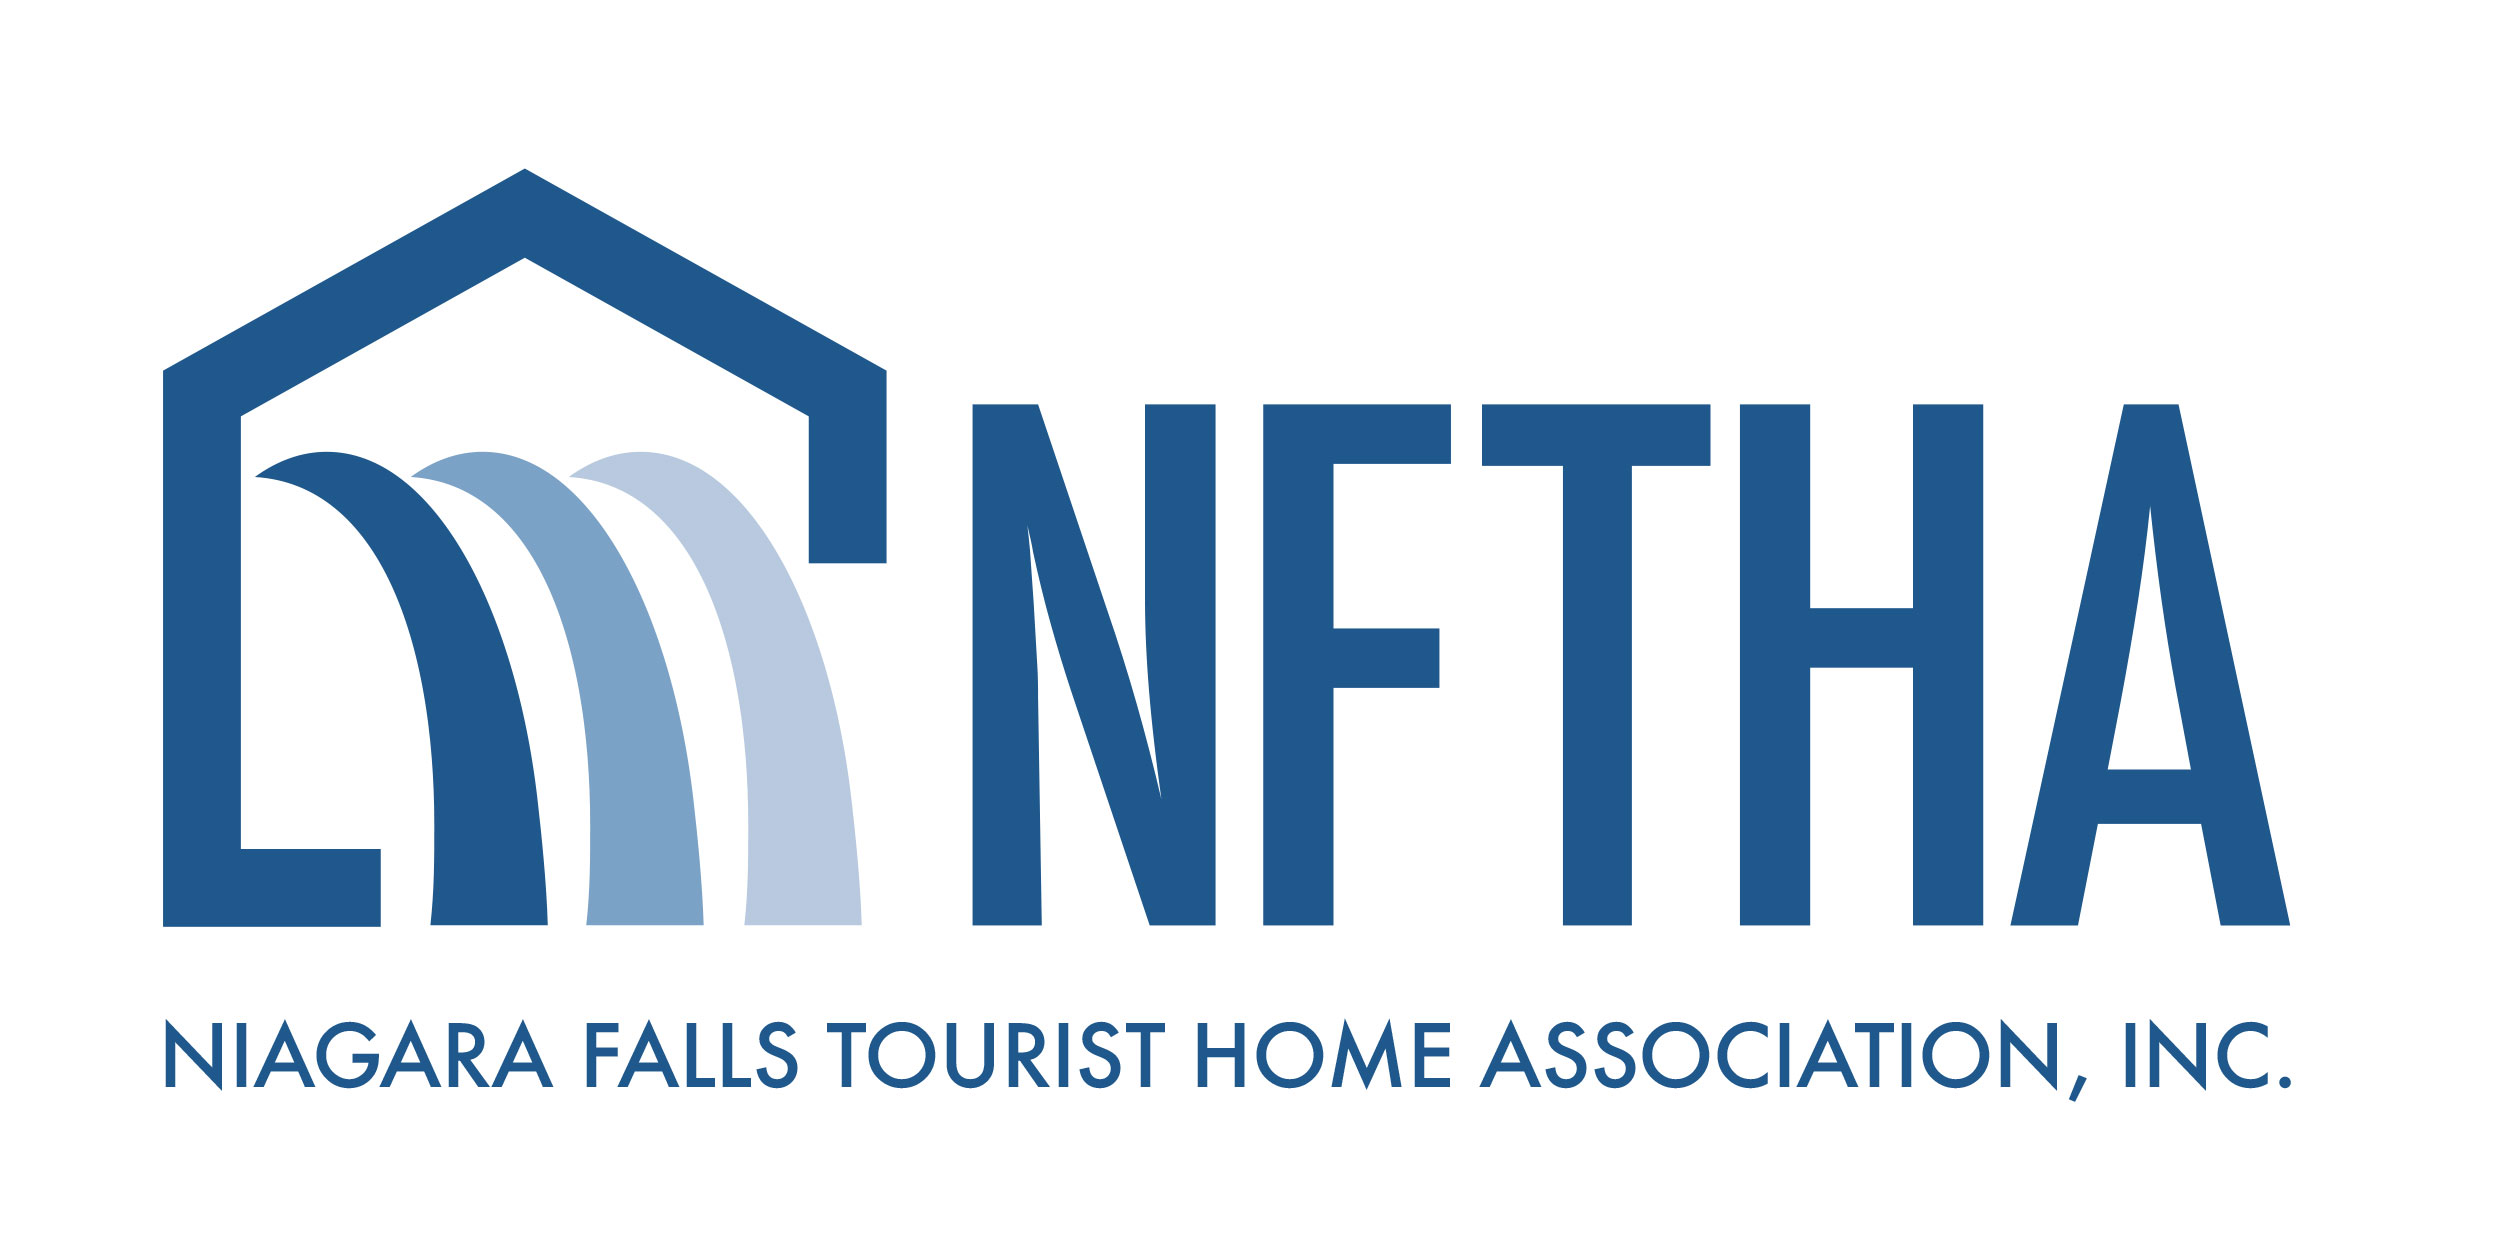 Niagara Falls Tourist Home Association, Inc.